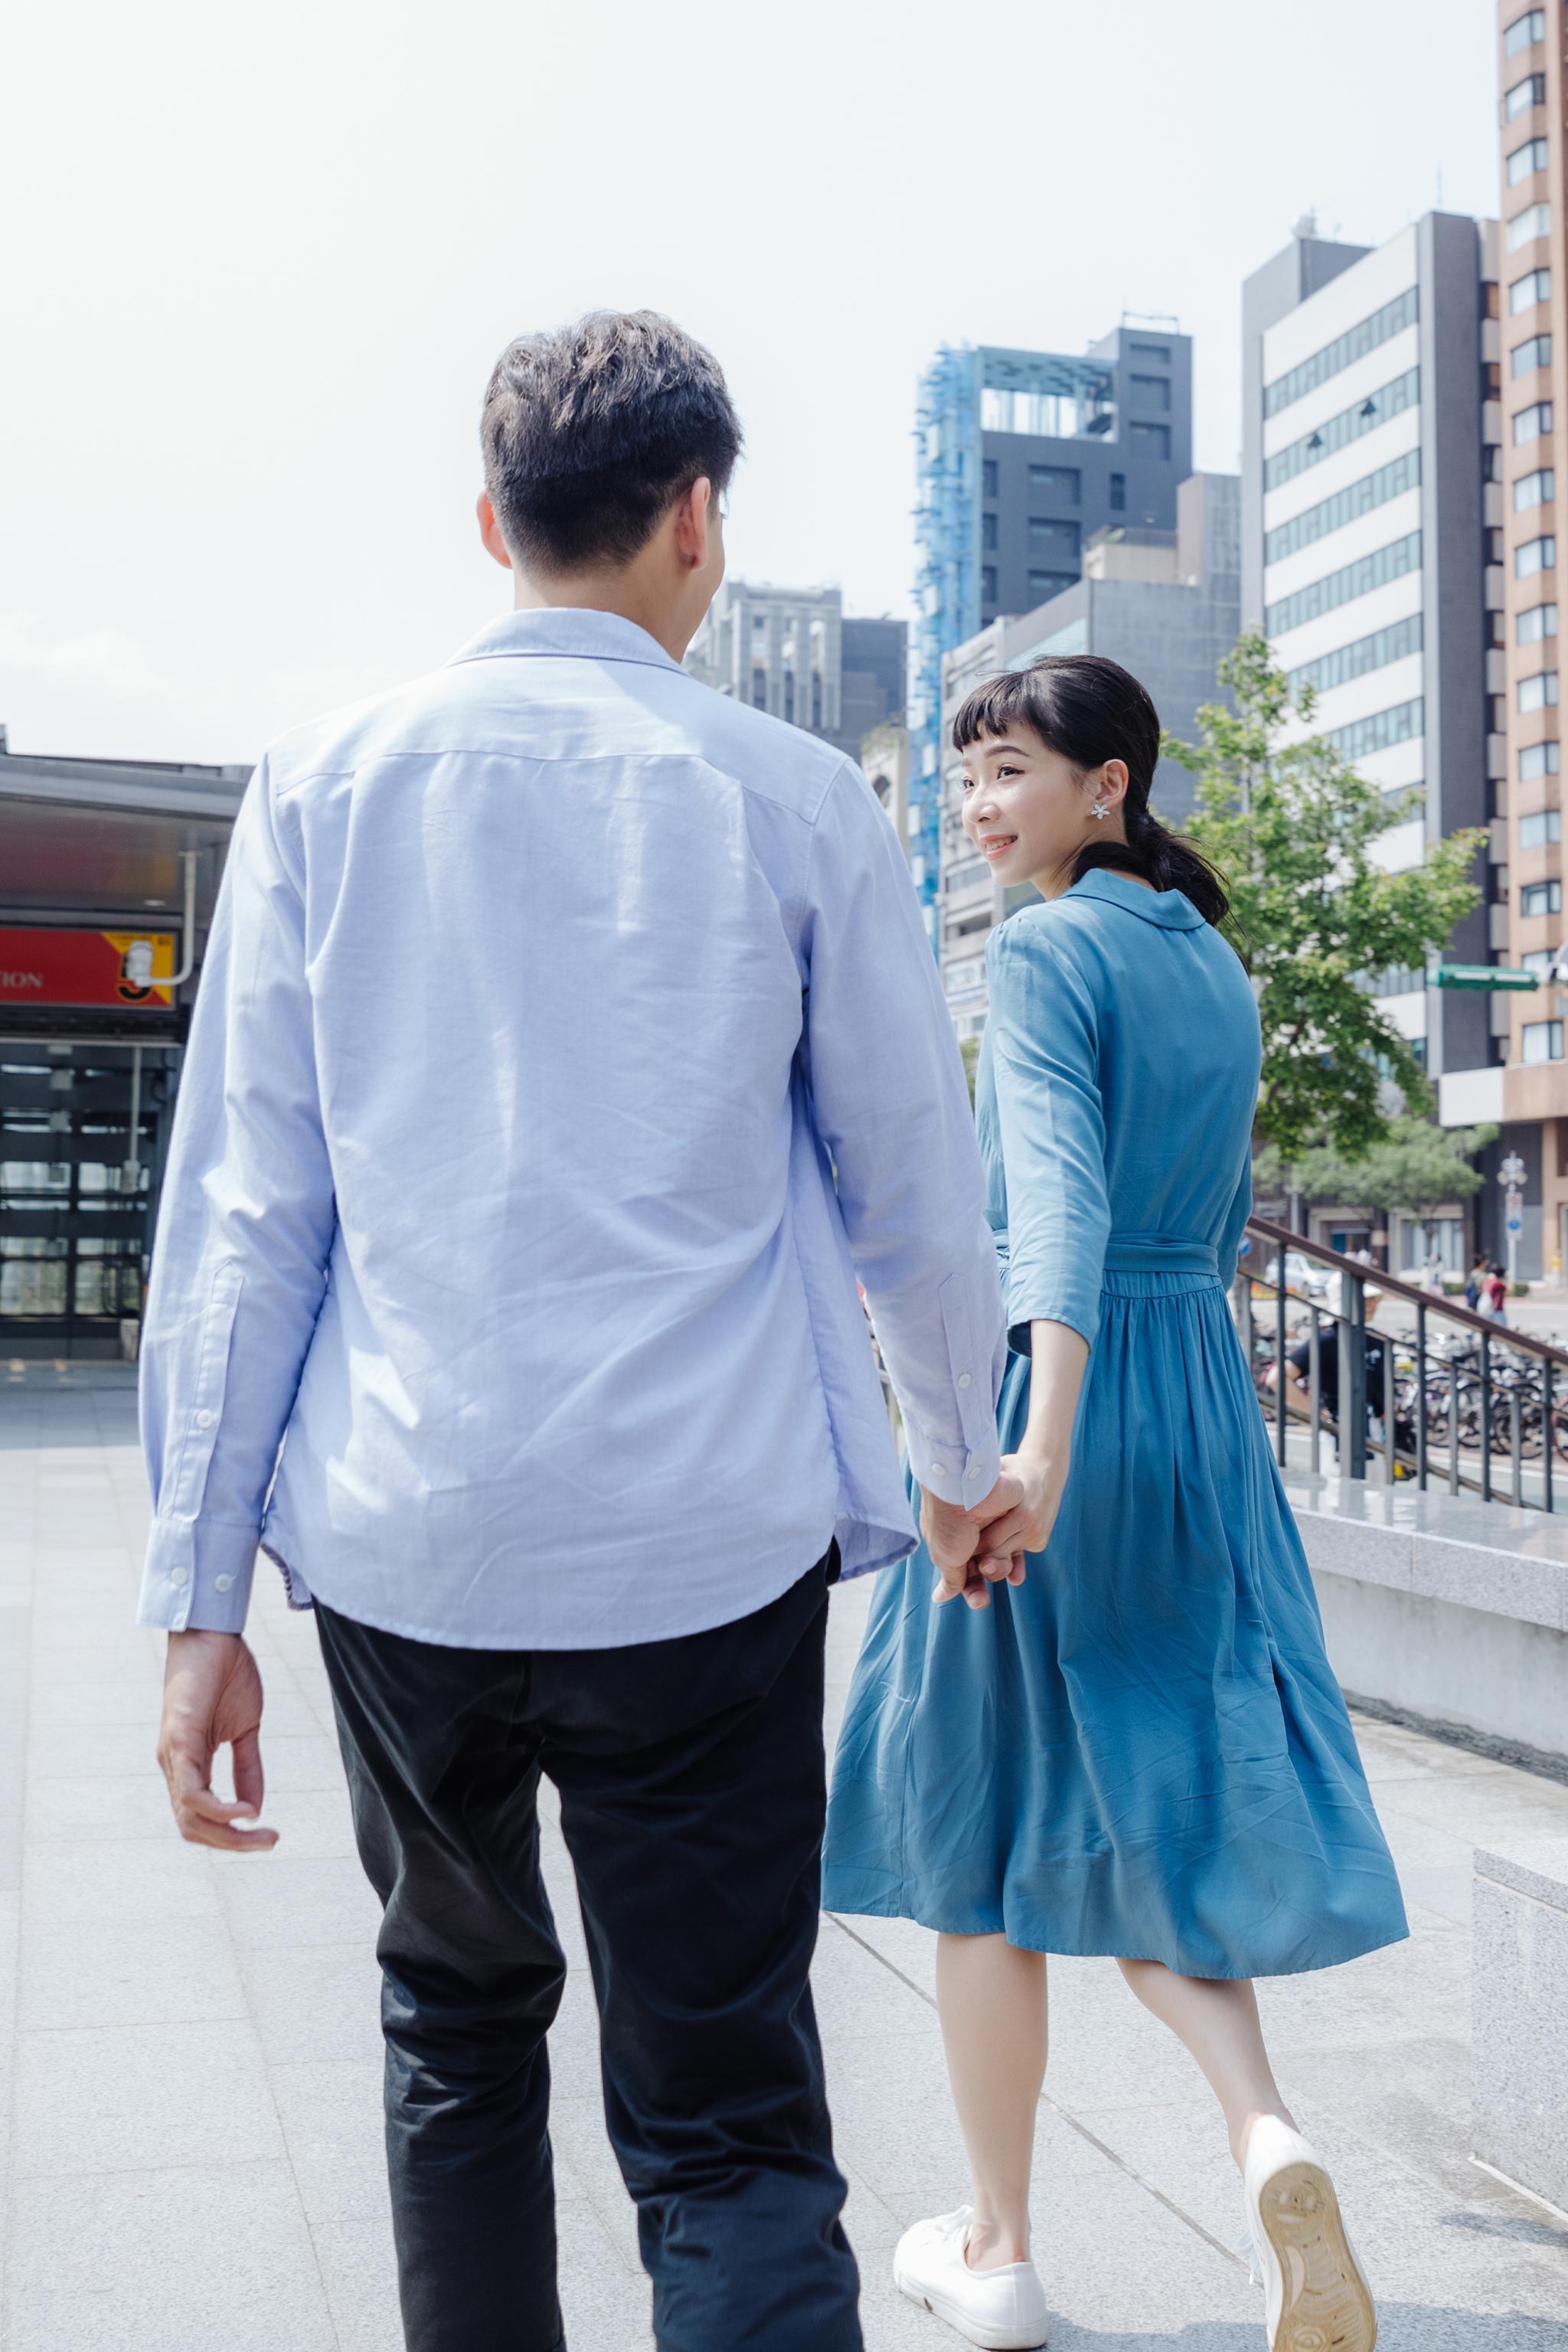 49817508168 2d3c8646f8 o - 【自助婚紗】+允宥&珮嘉+